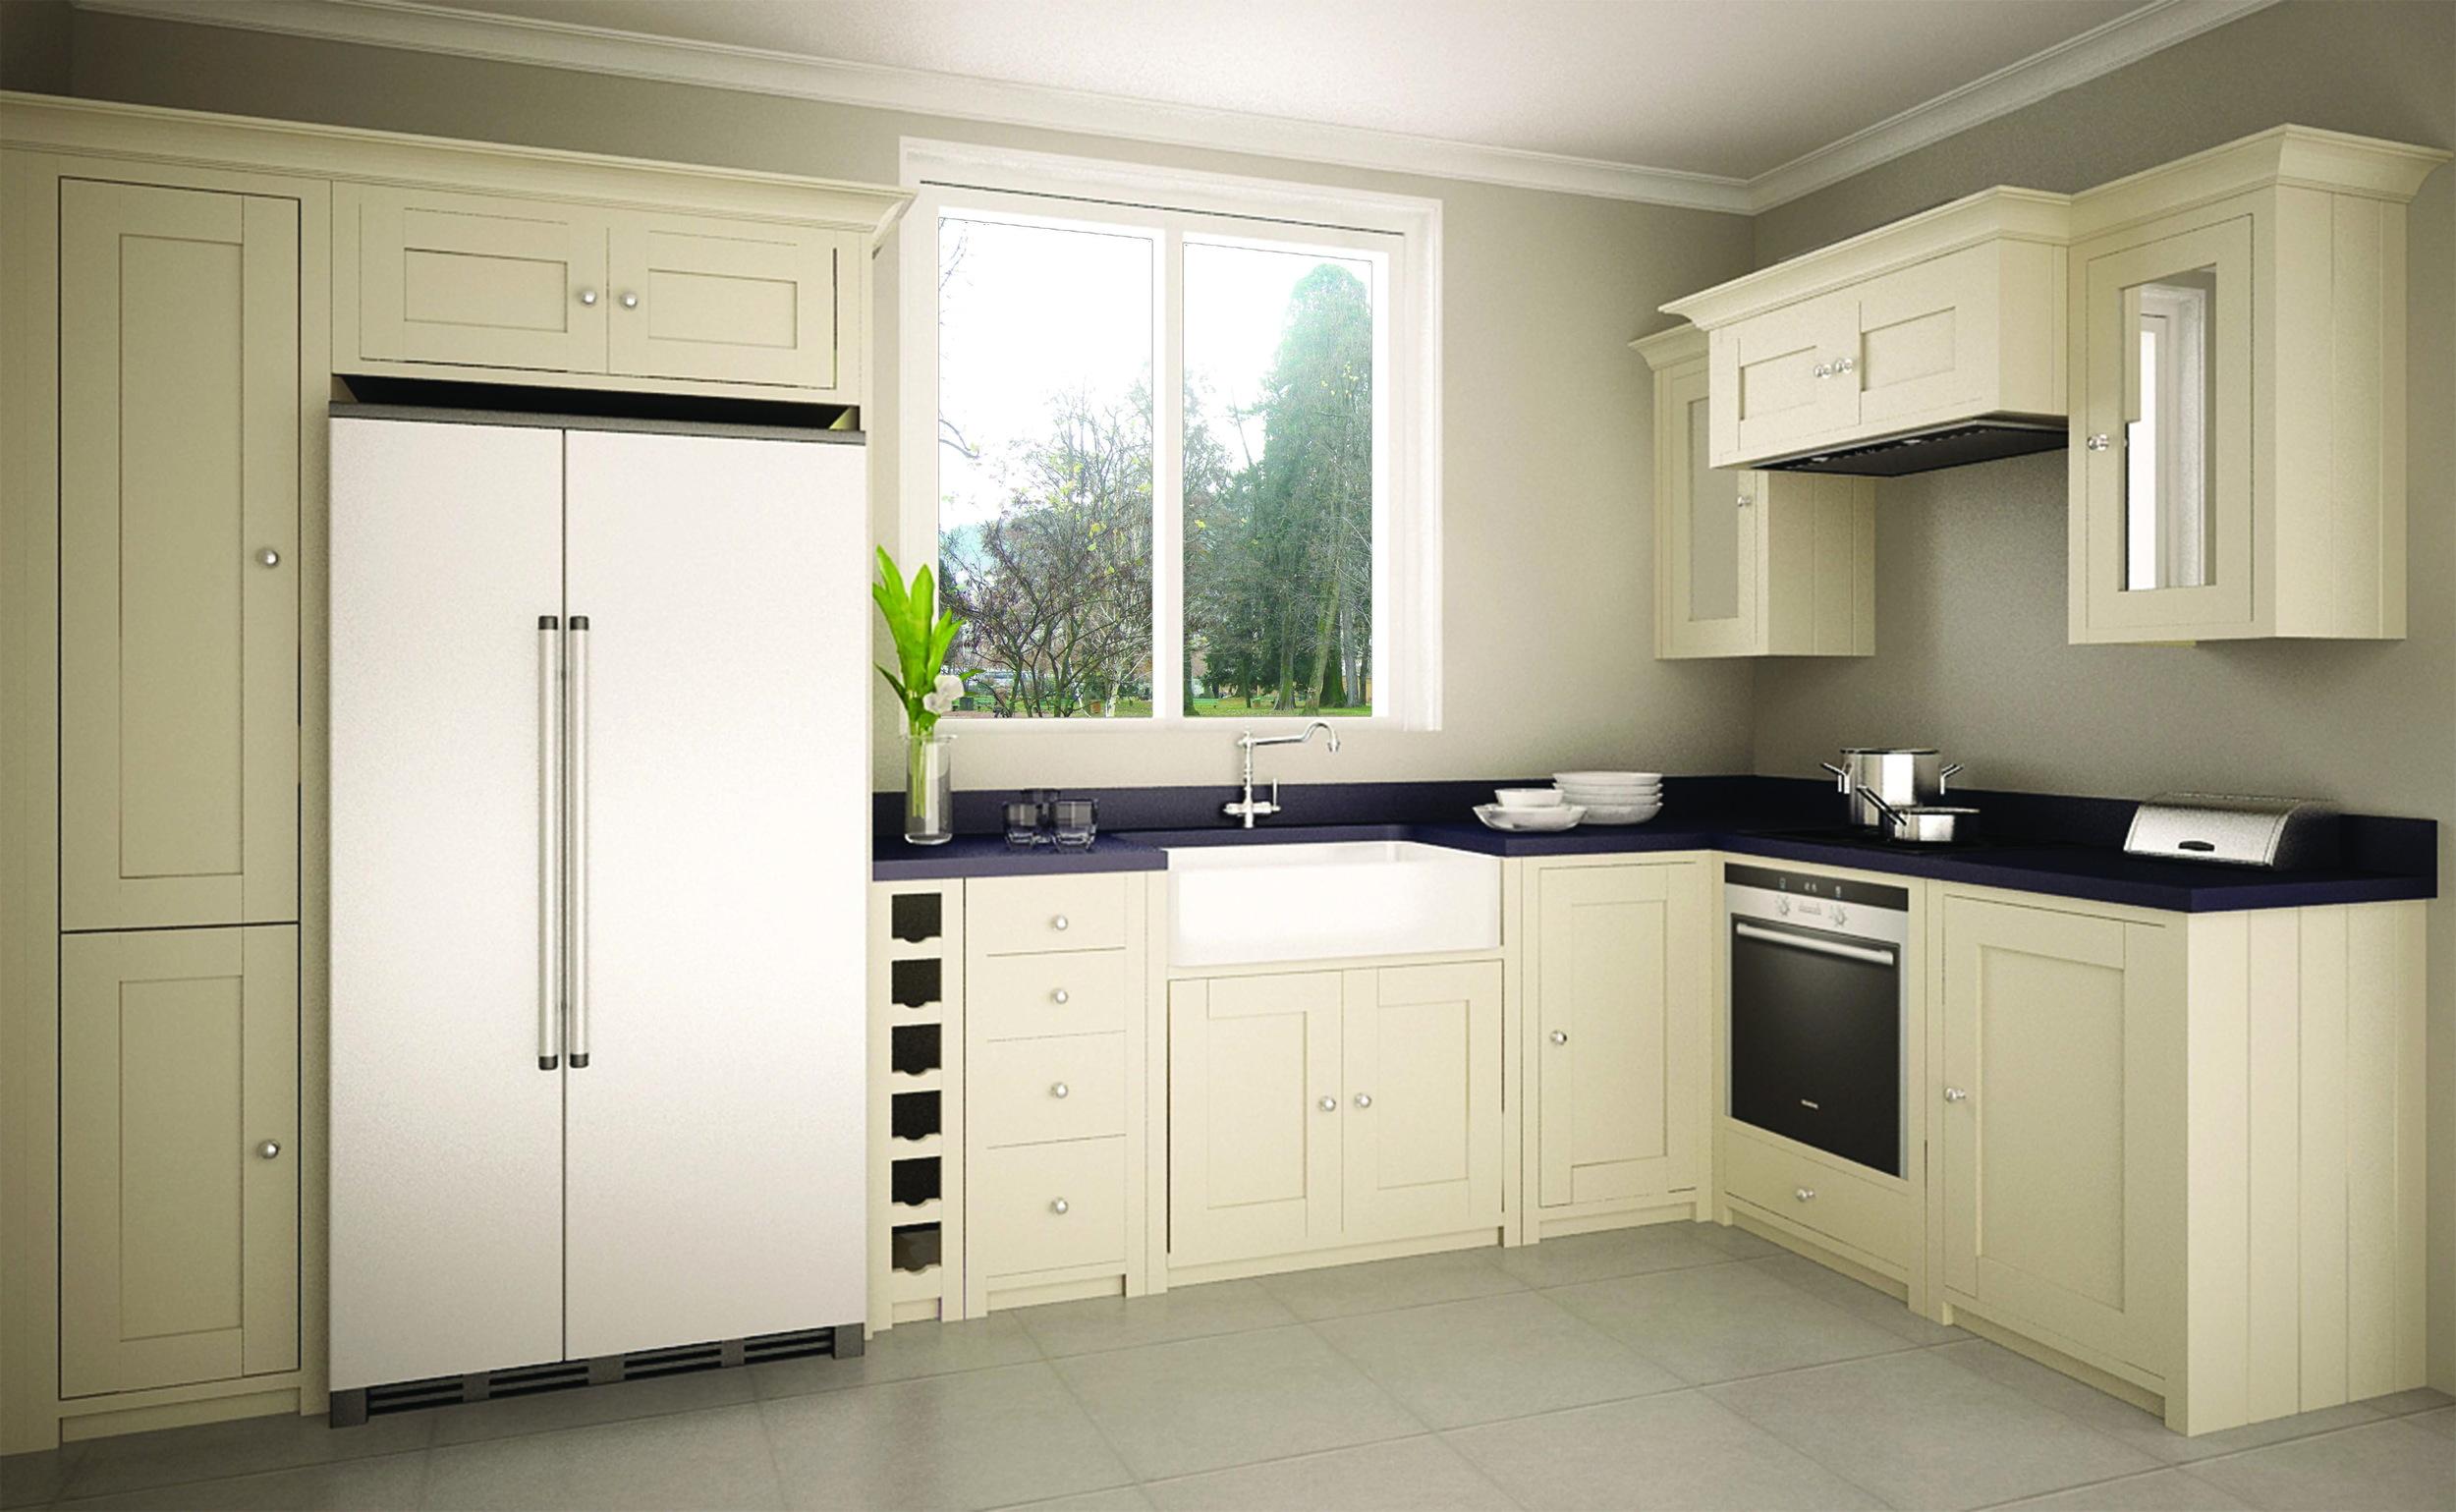 Khun Autta_NT Suffolk kitchen Perspective.jpg